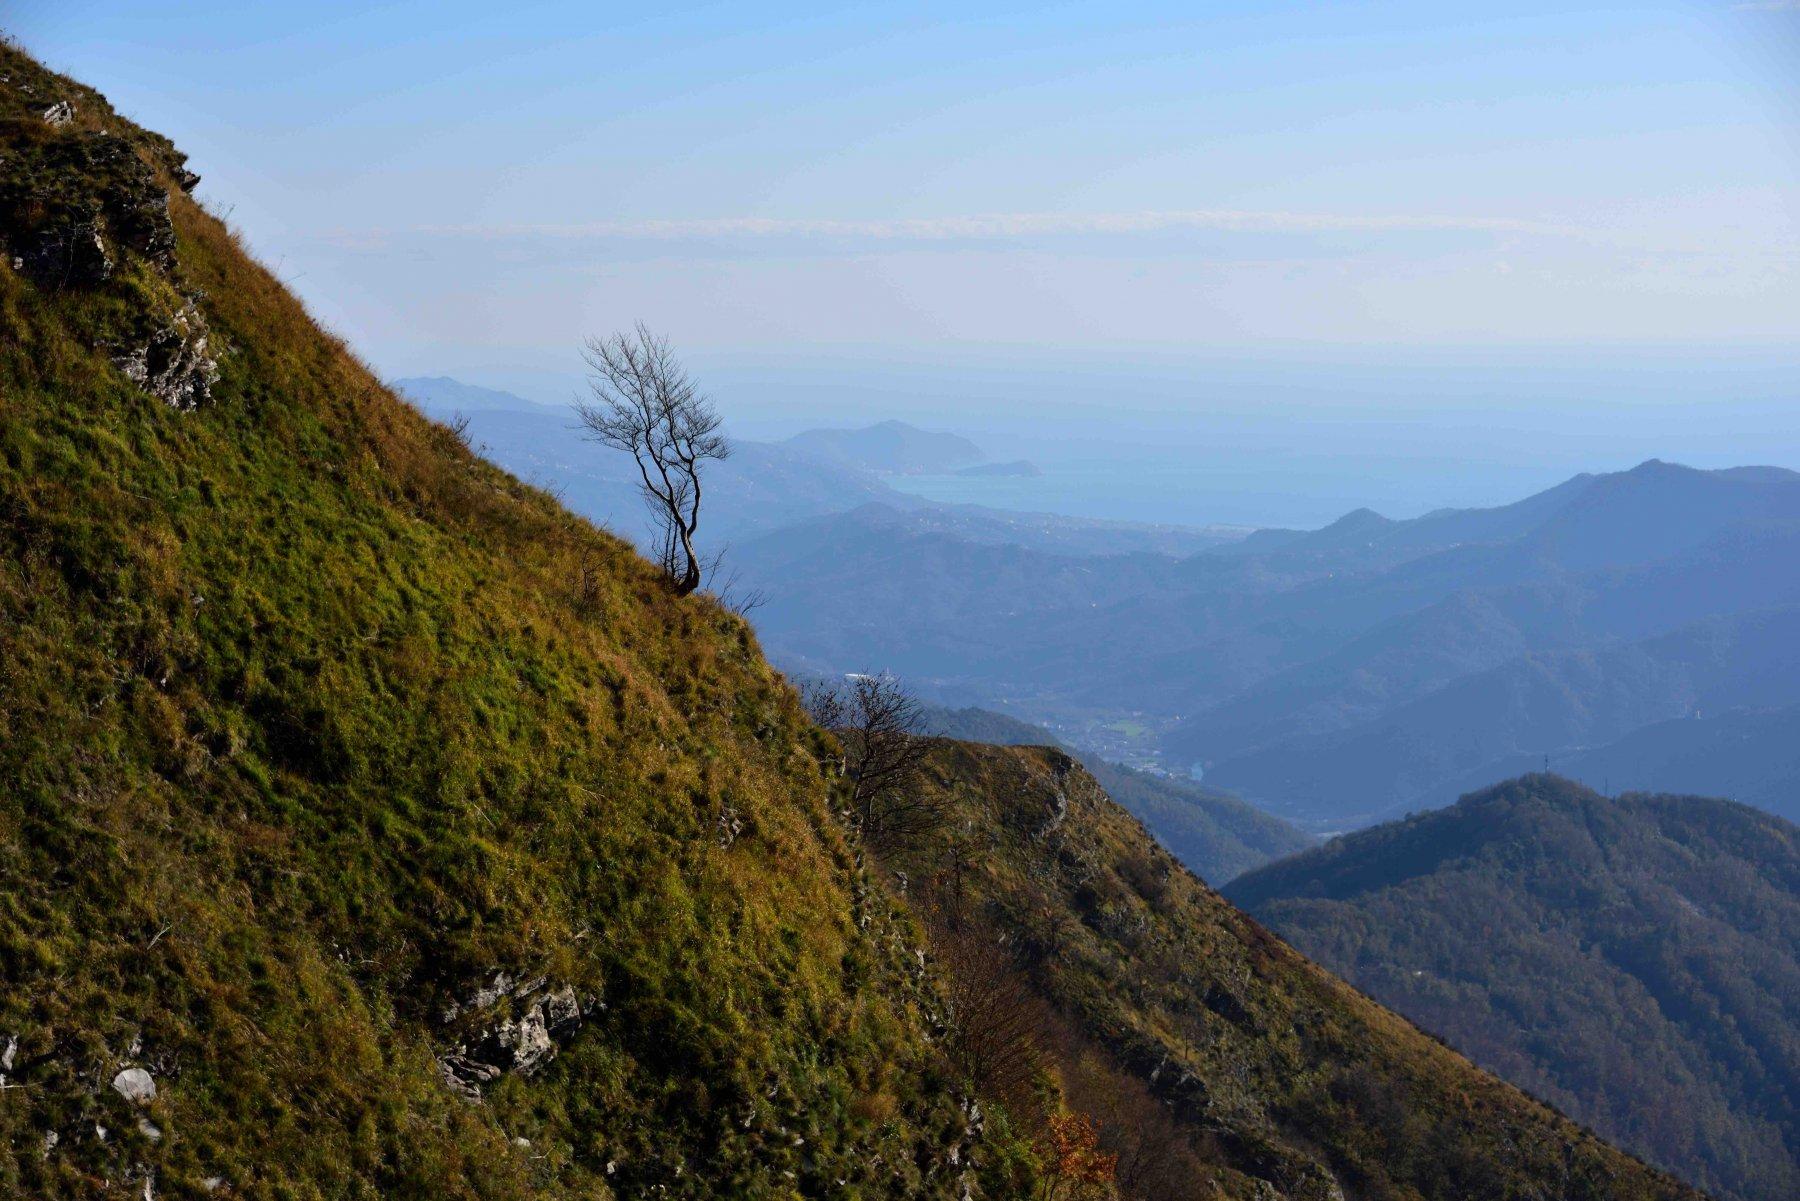 Albero solitario e in lontananza la penisola di Sestri Levante.